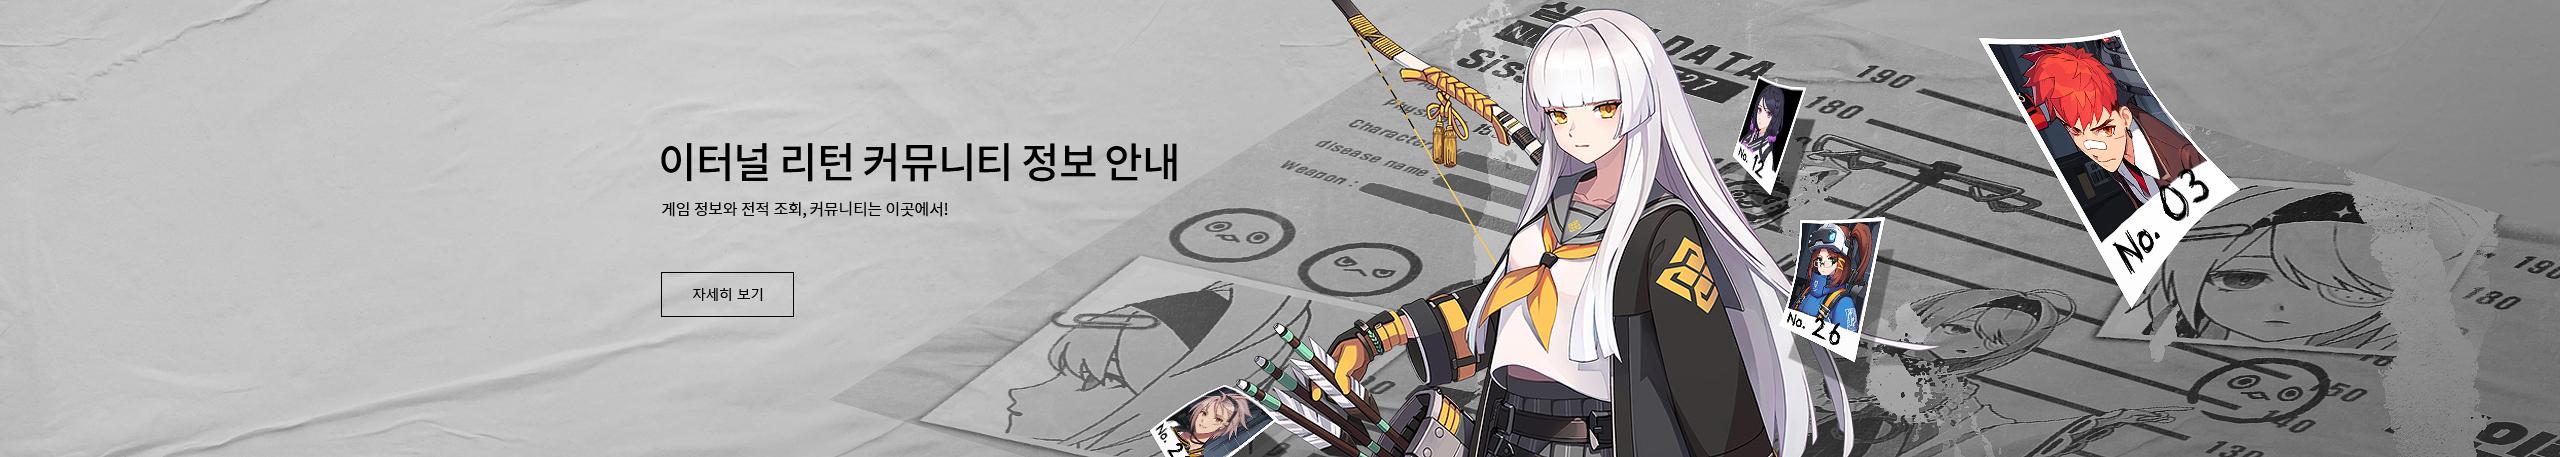 알쓸신잡, 커뮤니티 정보 안내